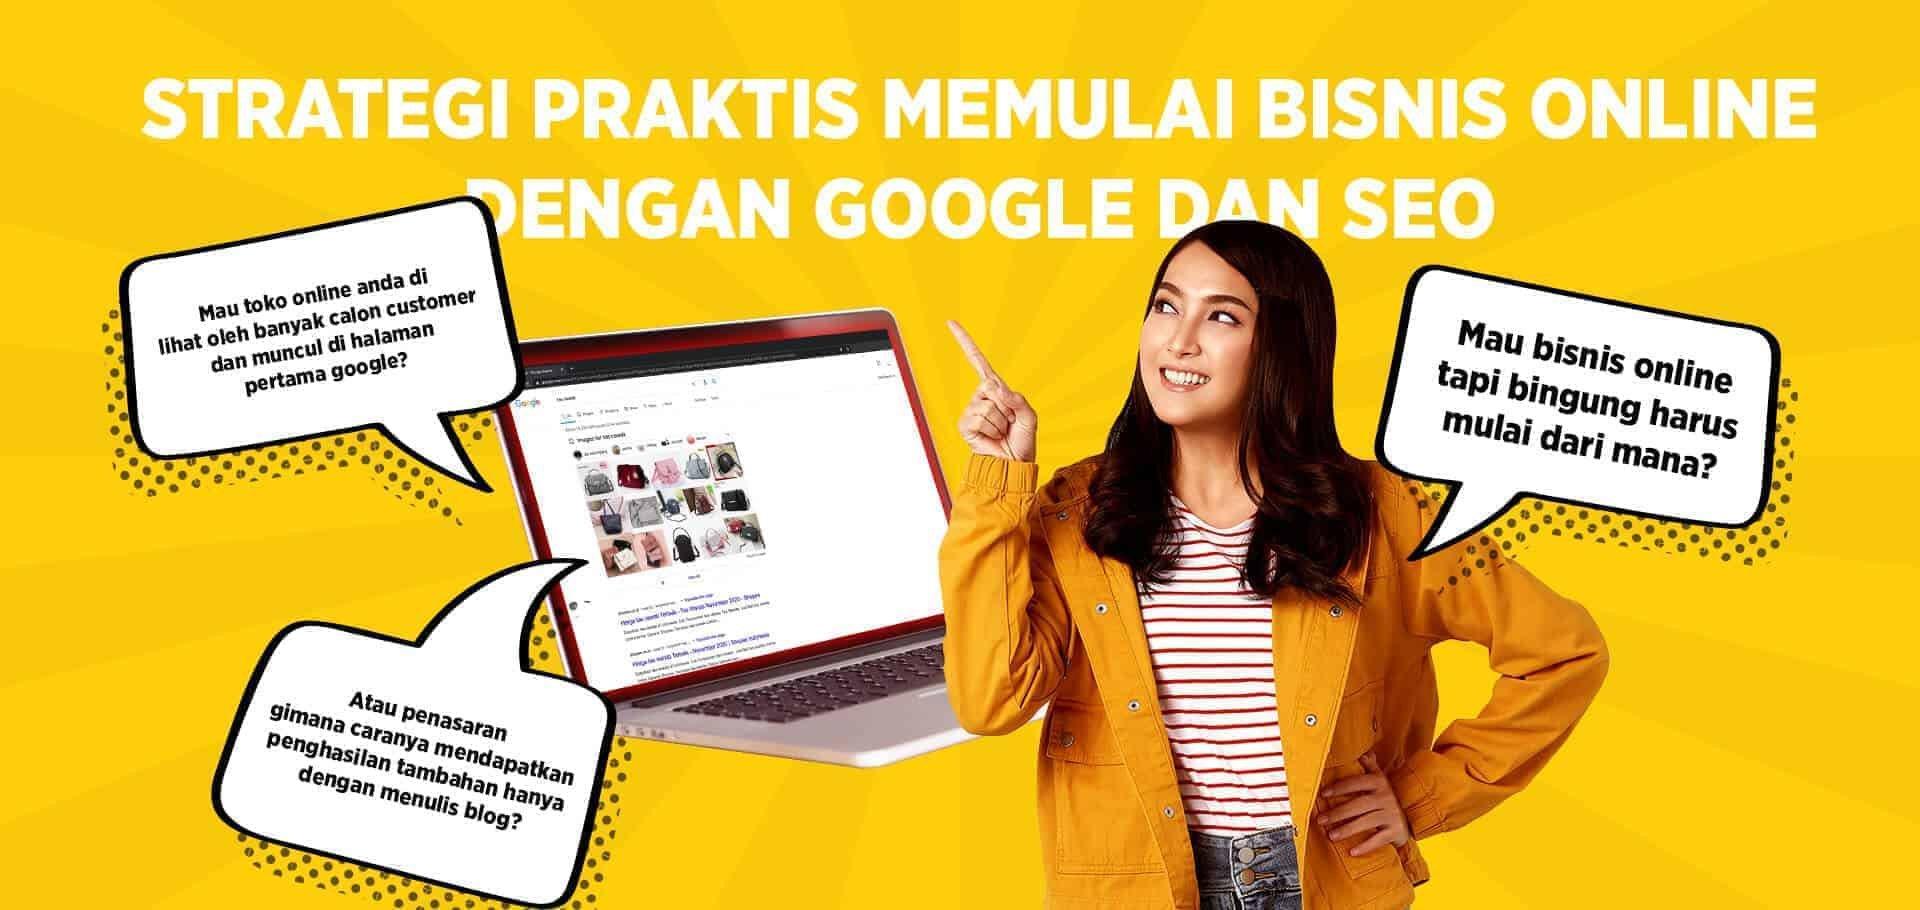 Strategi Praktis Memulai Bisnis Online Dengan Google dan SEO